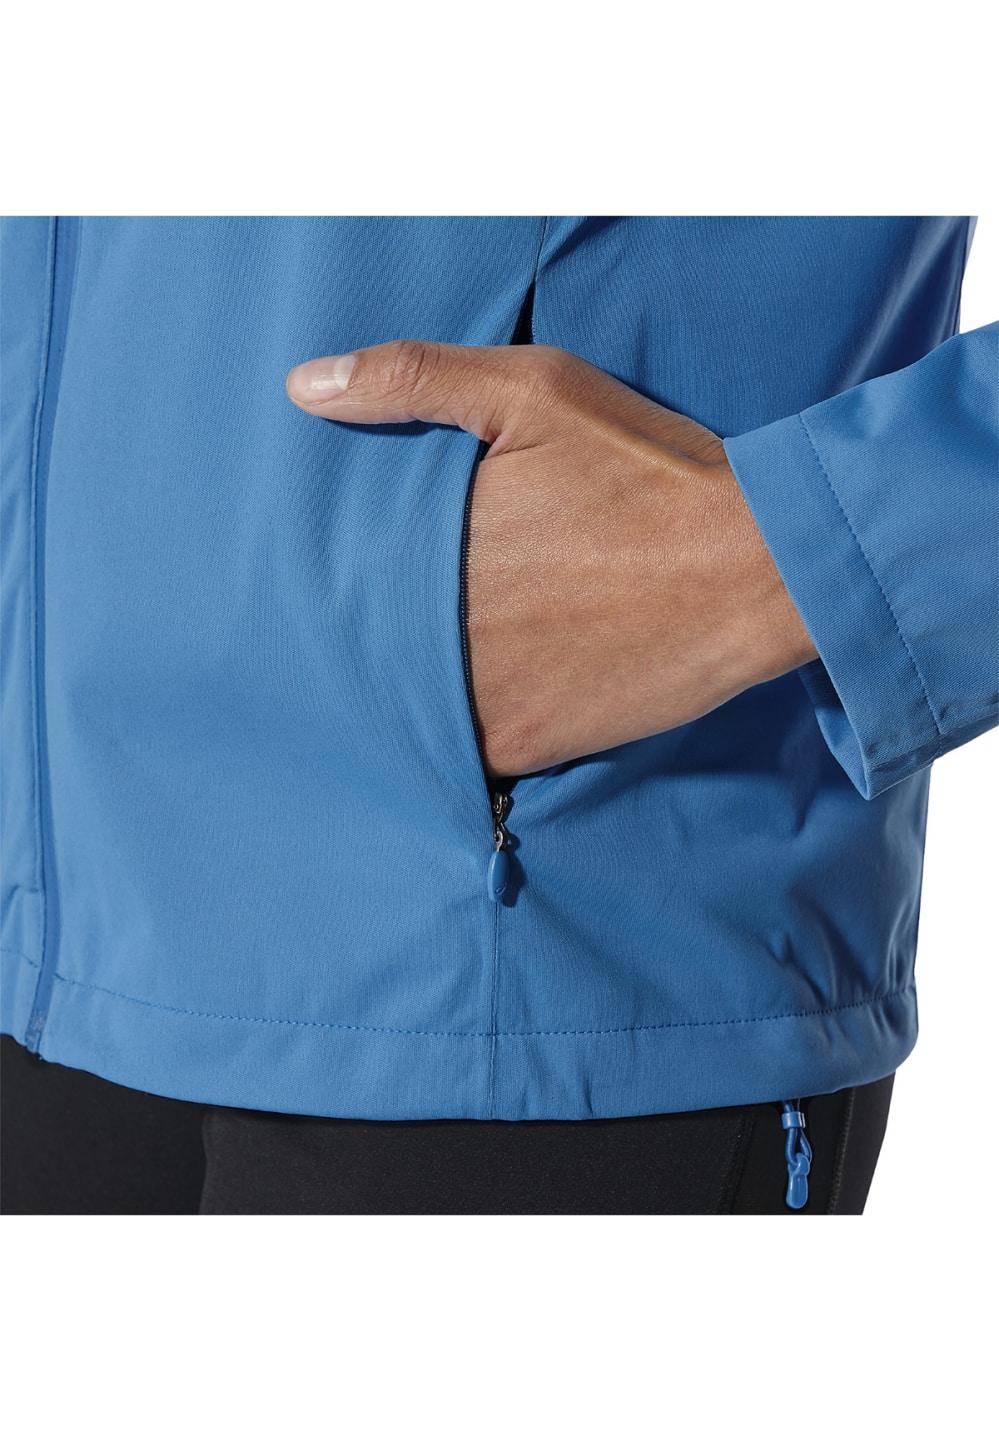 asics Accelerate Jacket Damen Laufjacke blau